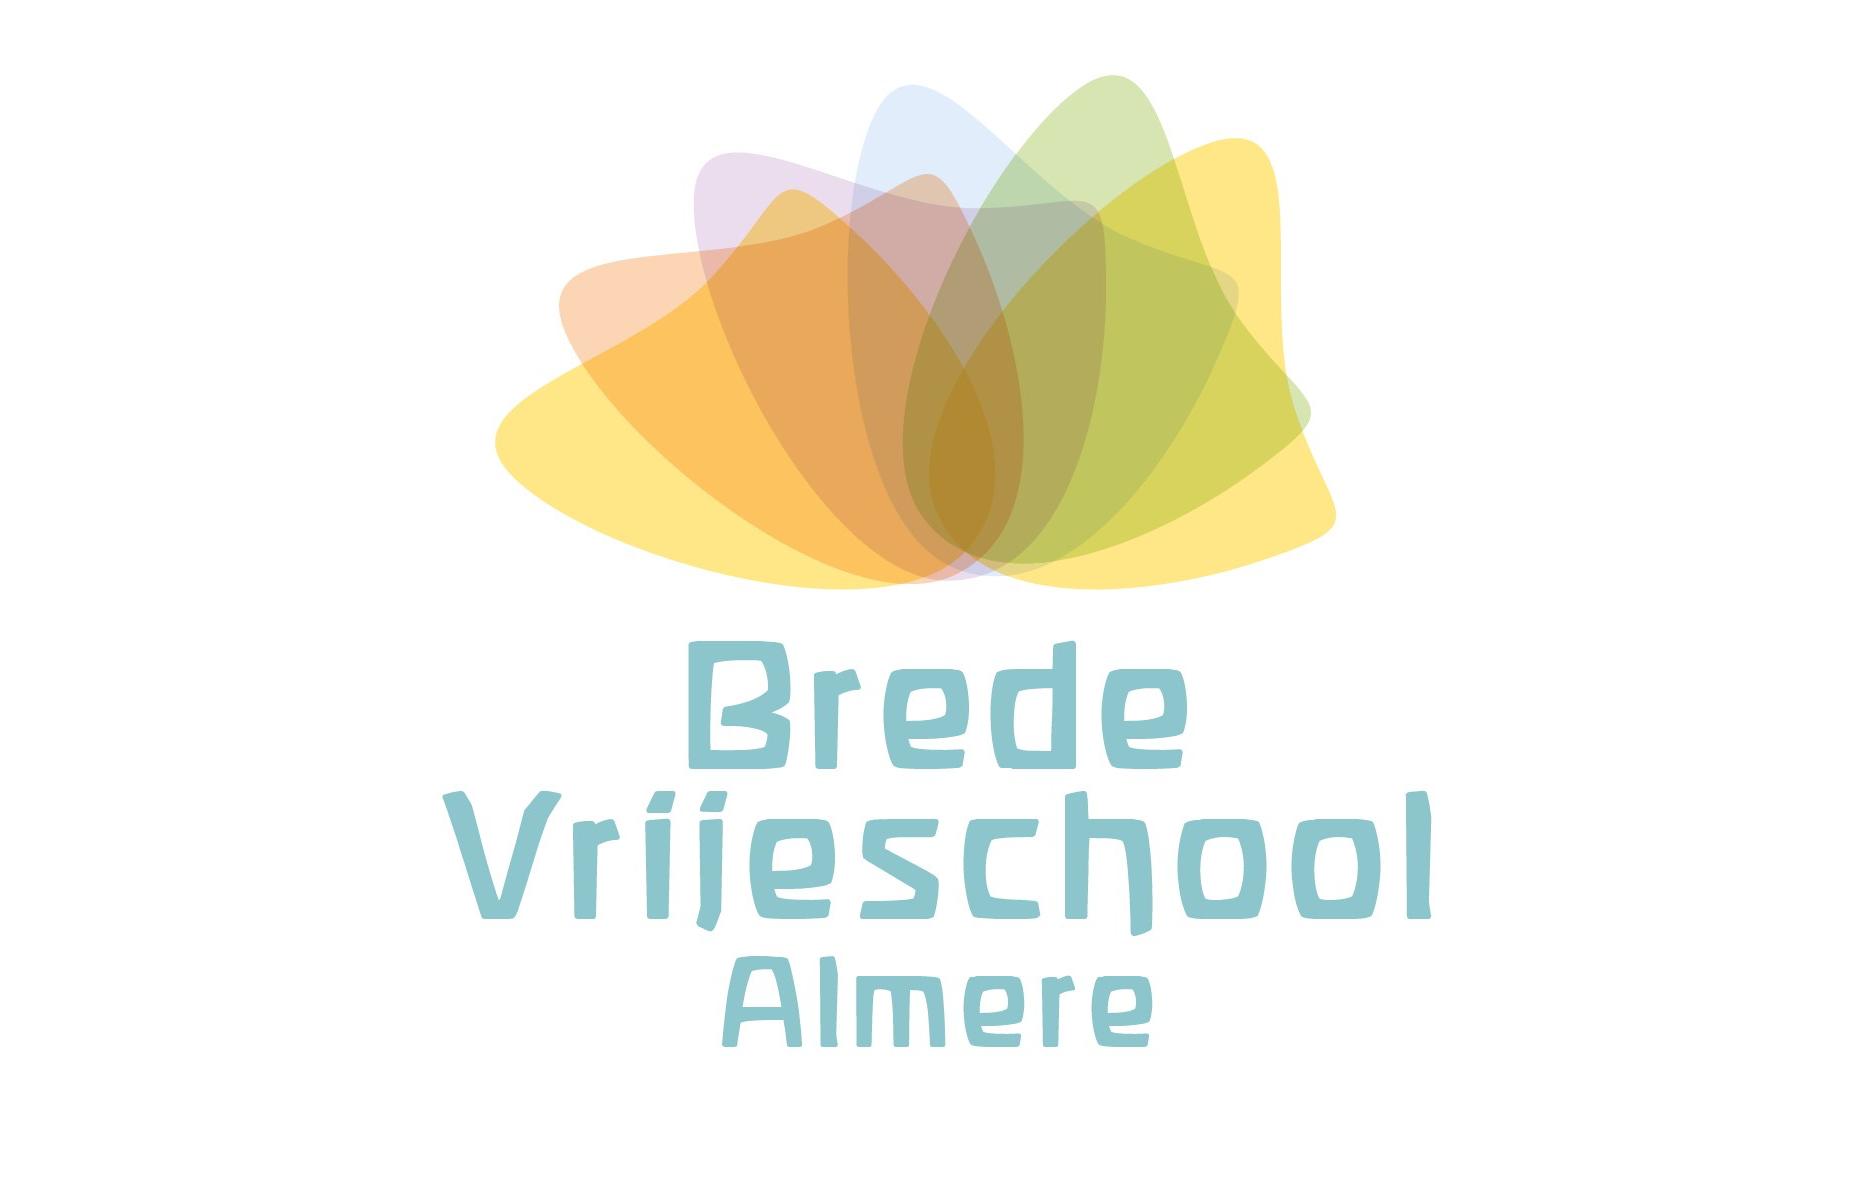 Logo_bredevrijeschool_highres_ls